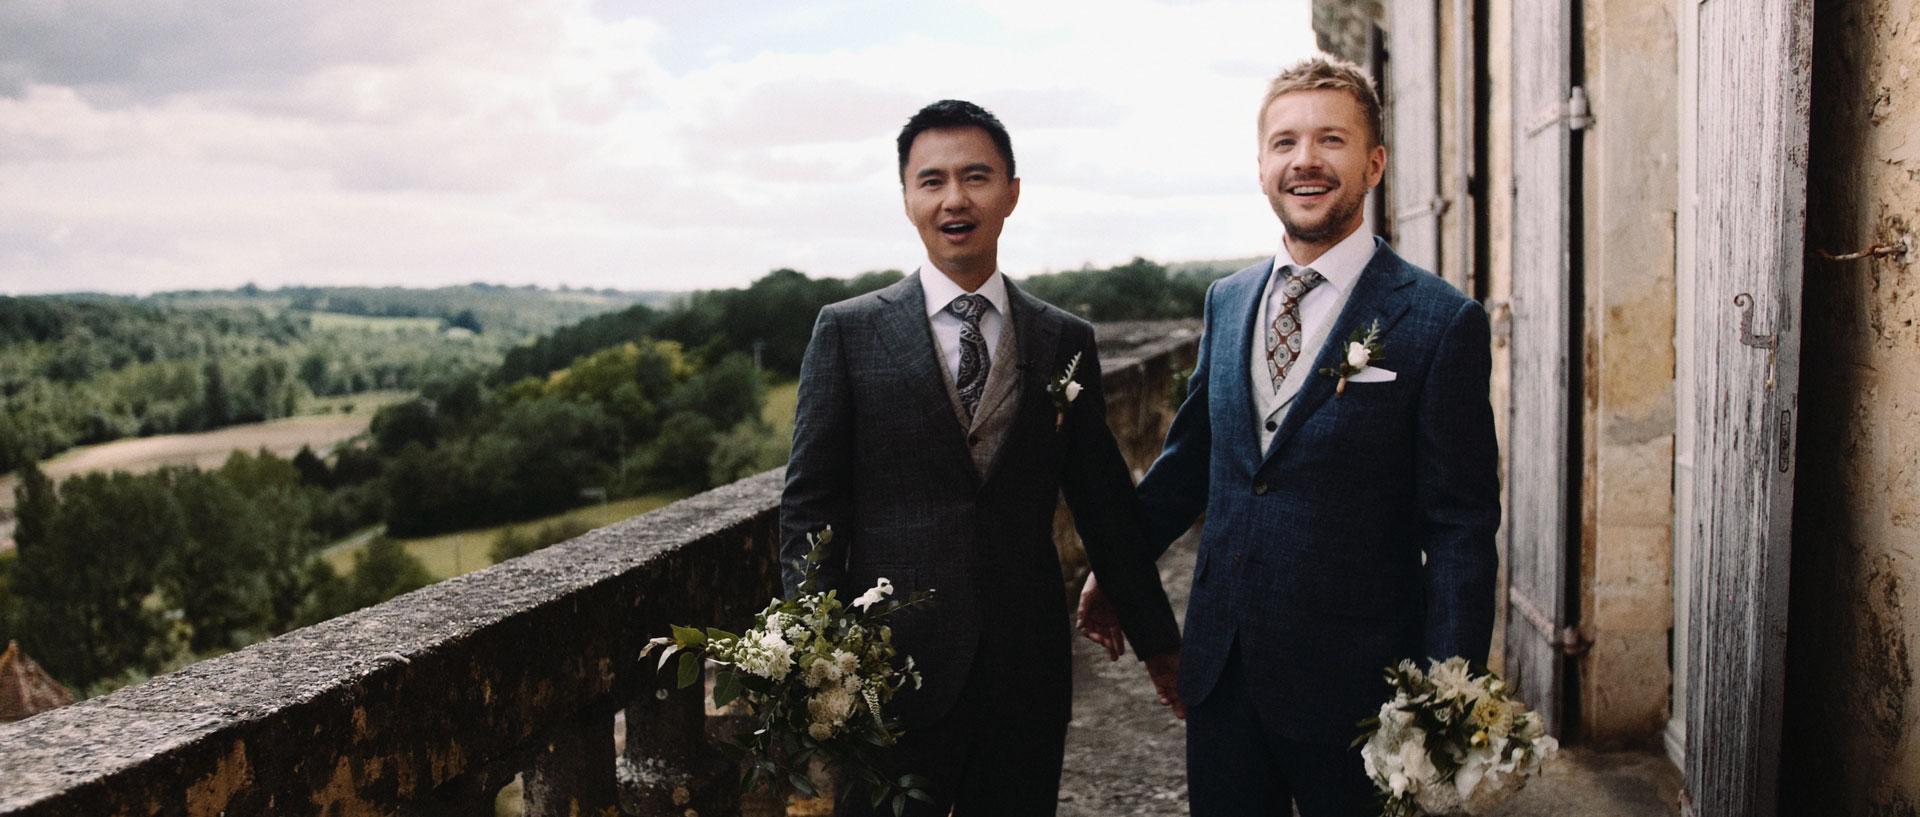 Sam-&-David---Wedding-Film.00_03_49_14.jpg